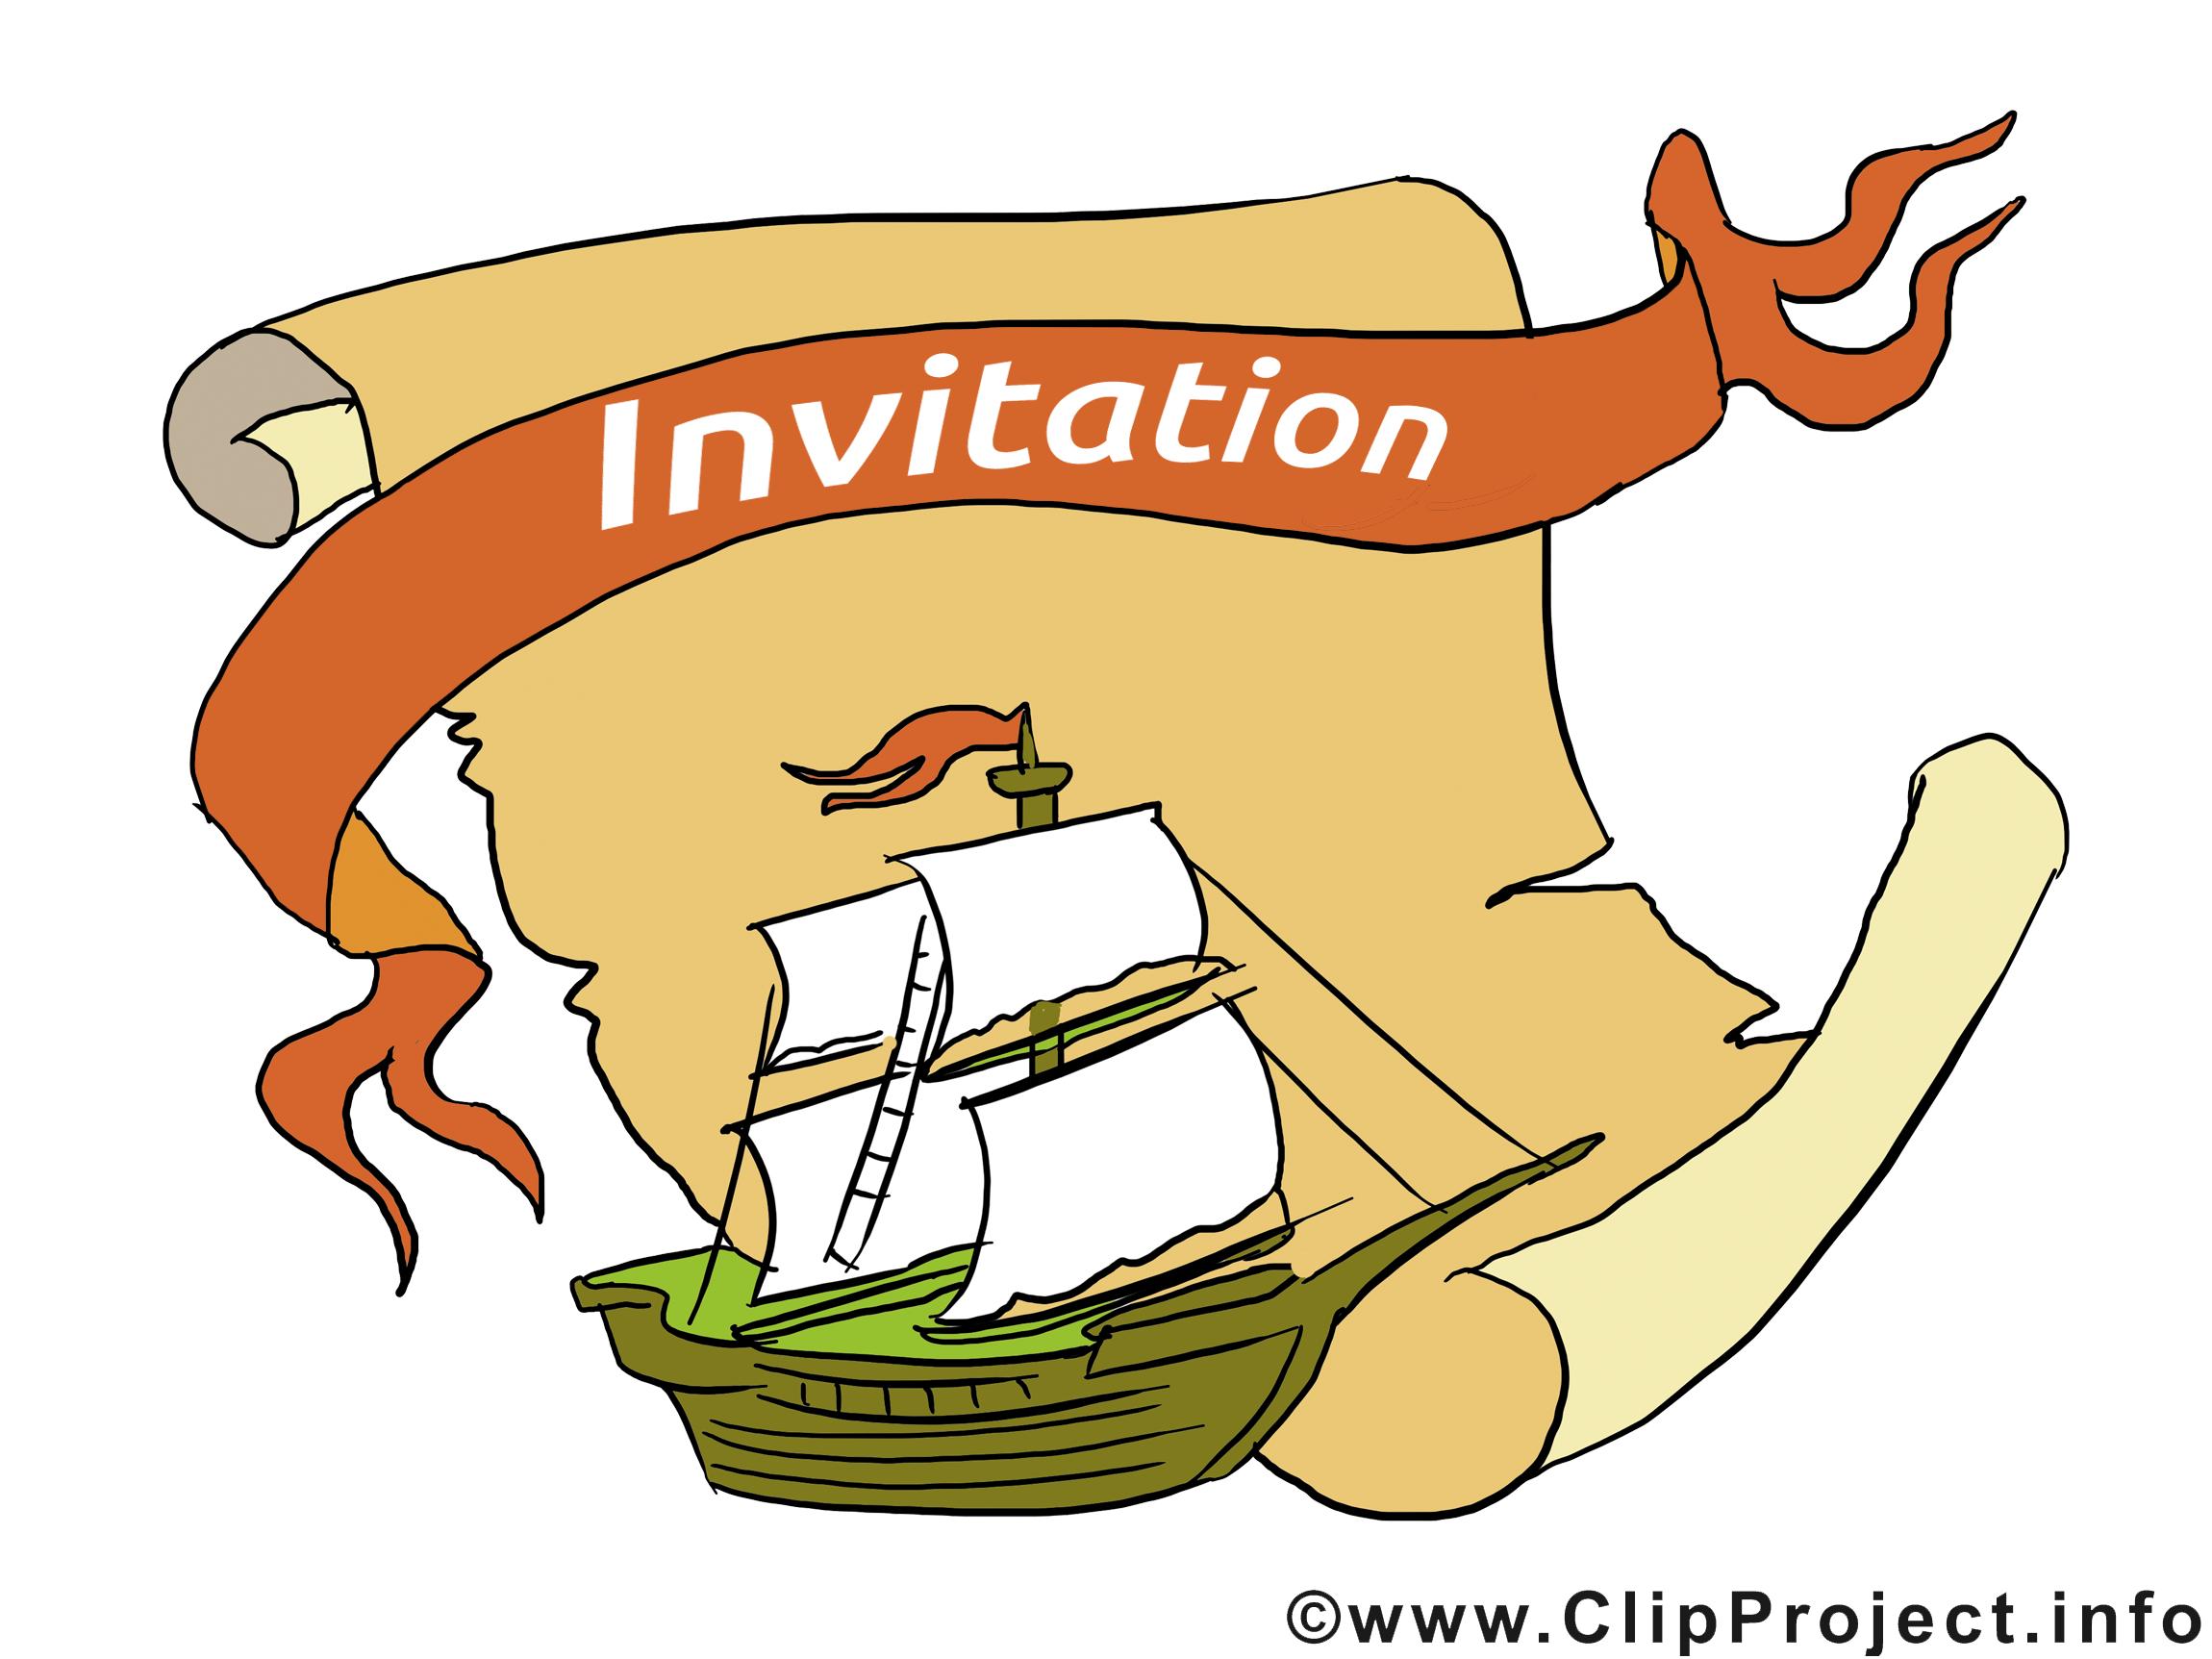 Vaisseau dessin à télécharger - Invitation images